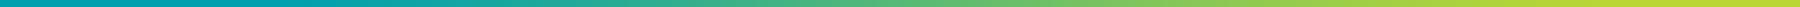 mega-menu-gradient